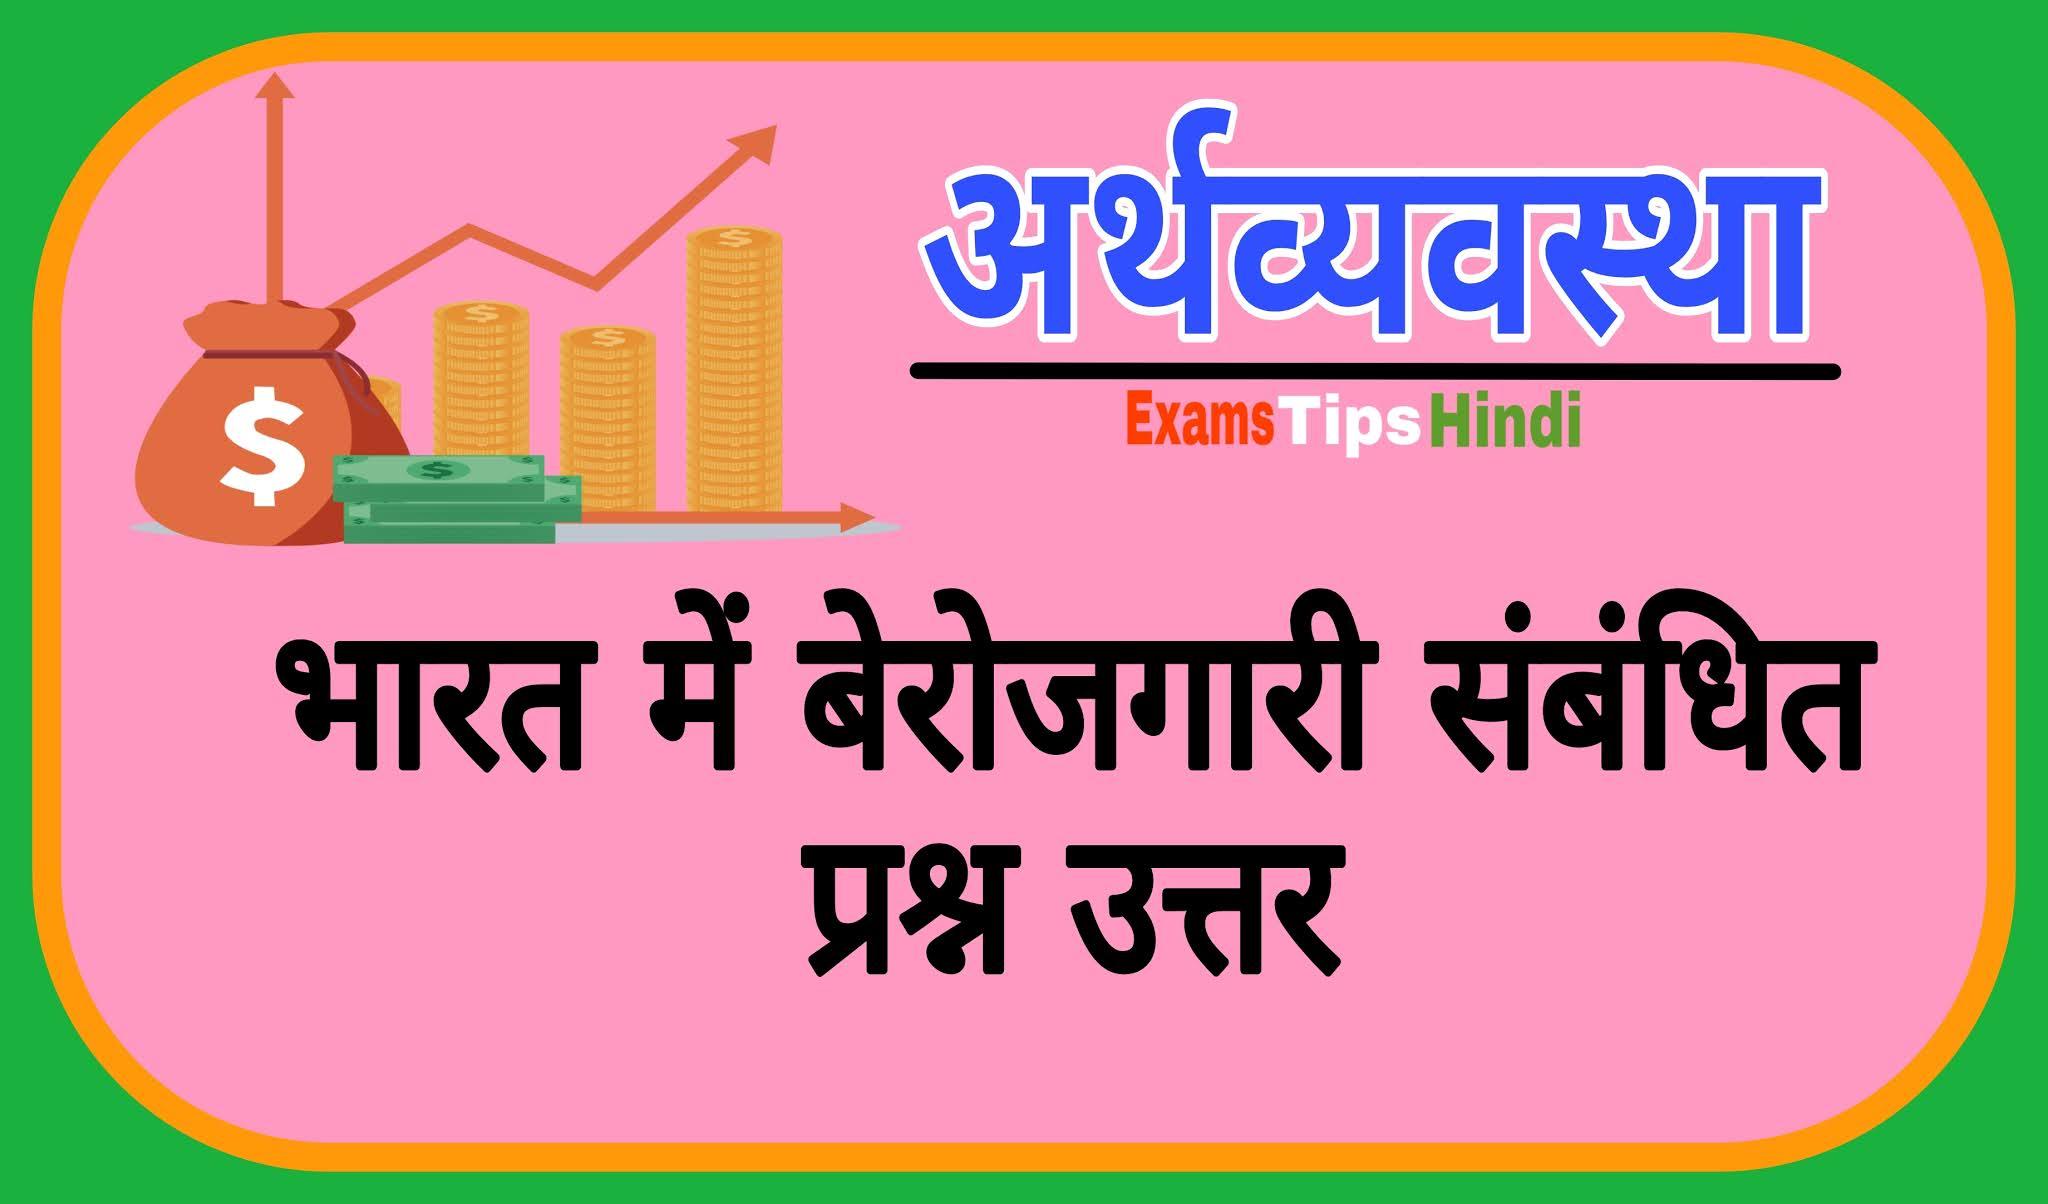 भारत में बेरोजगारी संबंधित प्रश्न उत्तर, भारत में बेरोजगारी